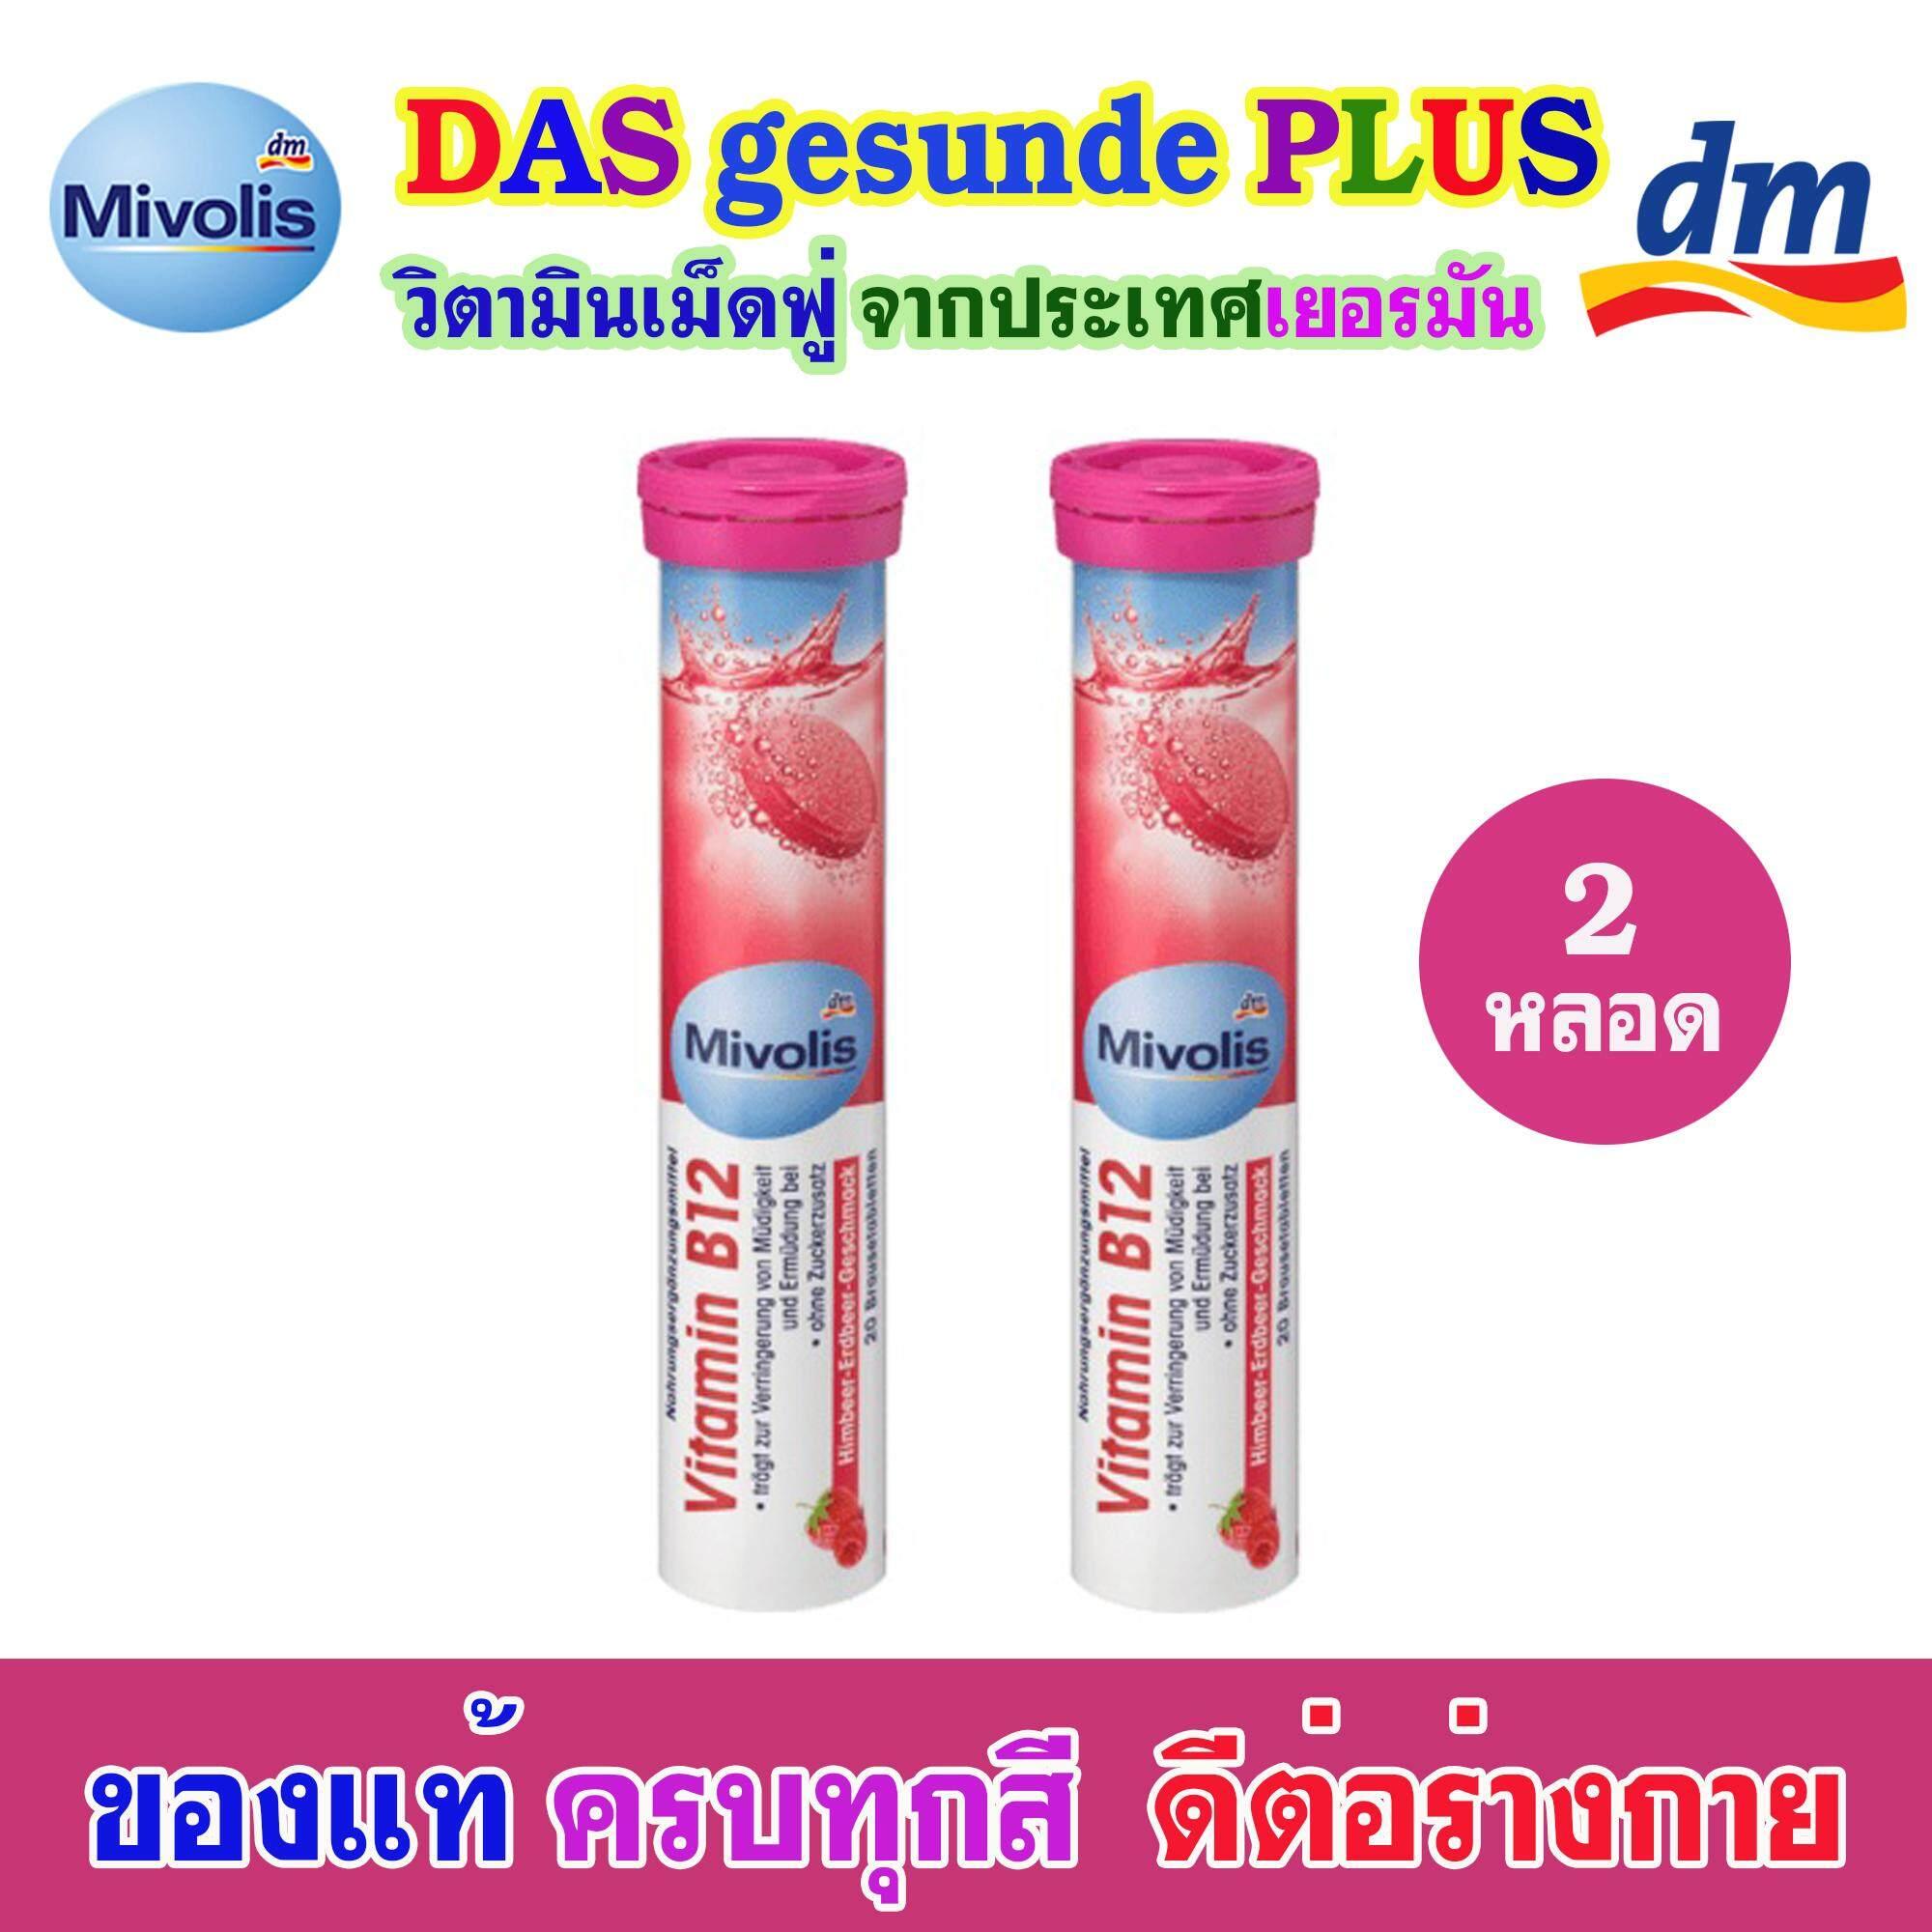 Das Gesunde Plus Mivolis วิตามินเม็ดฟู่ สีชมพู (vitamin B12) หลอดละ 20 เม็ด จำนวน 2 หลอด.